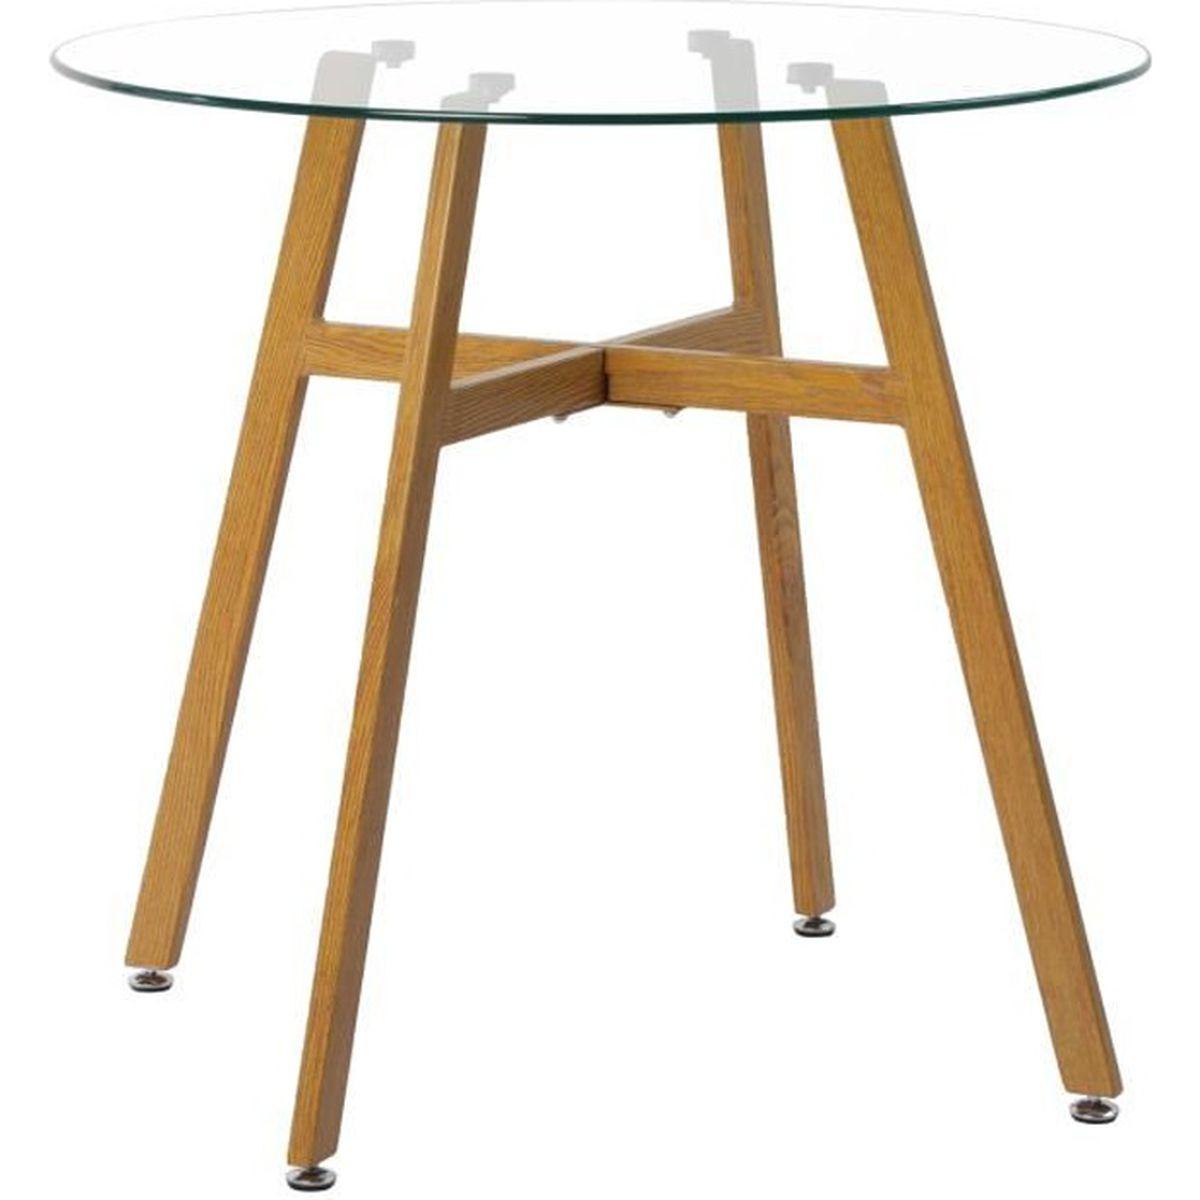 110 70 H.J WeDoo Table Scandinave Salle /à Manger en Verre avec Jambe de Fer /à Transfert de Grain de Bois de H/être et Cadre Blanc 73cm